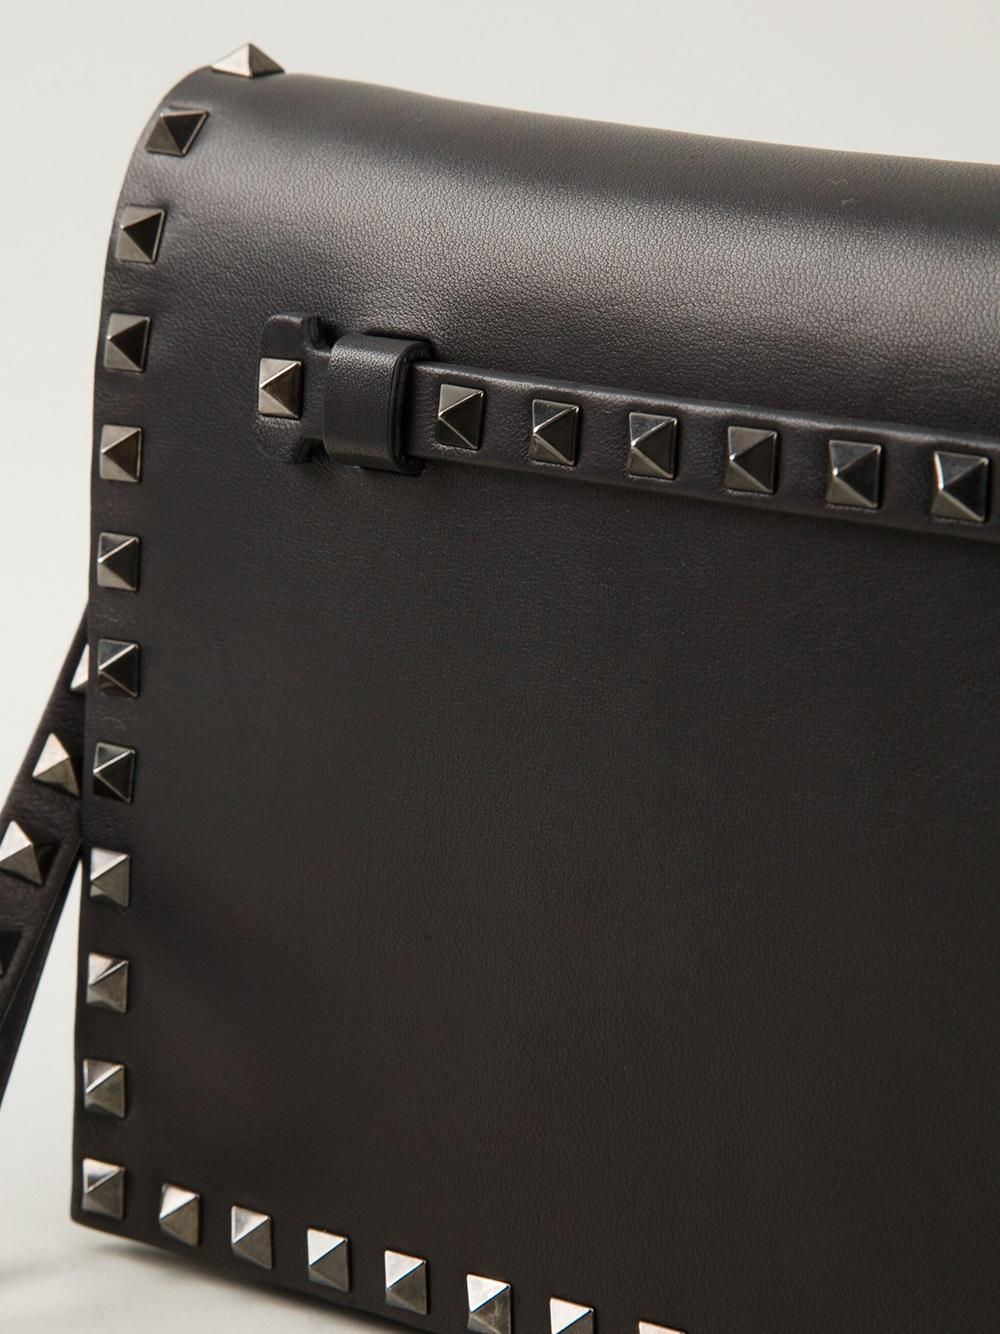 37700ddd8831 Lyst - Valentino Rockstud Clutch in Black